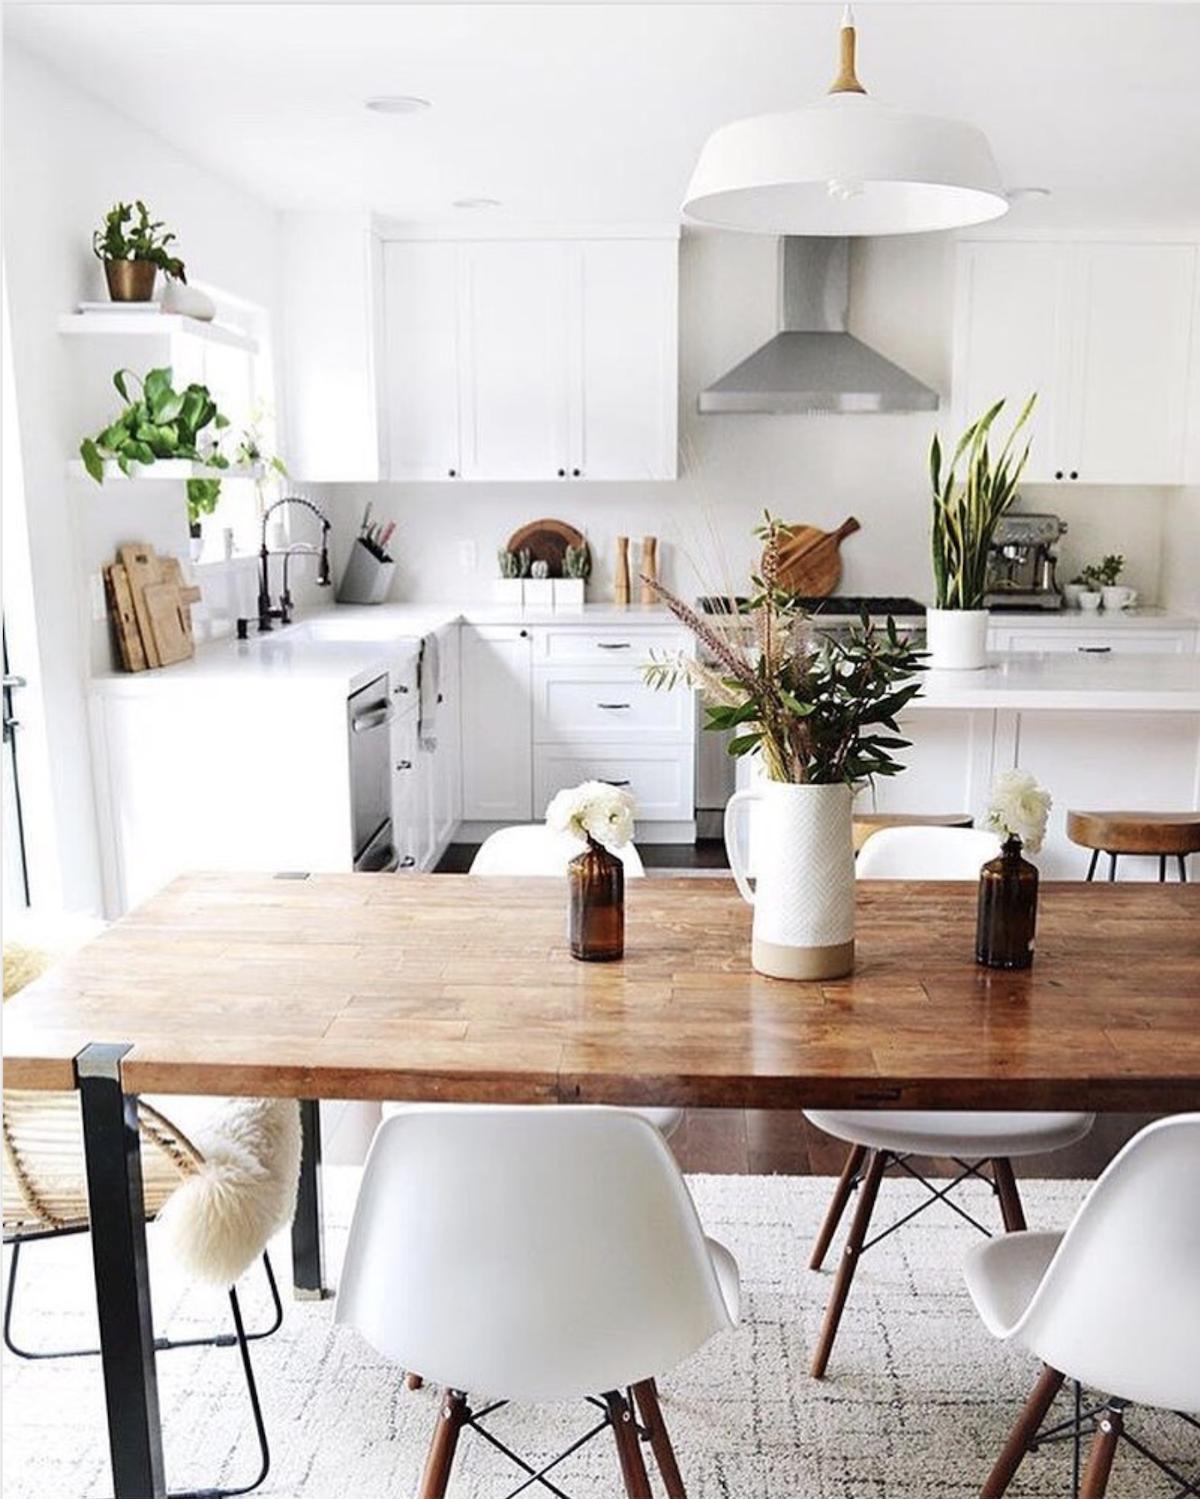 méthode de rangement marie kondo cuisine hygge style scandinave - blog déco - clem around the corner